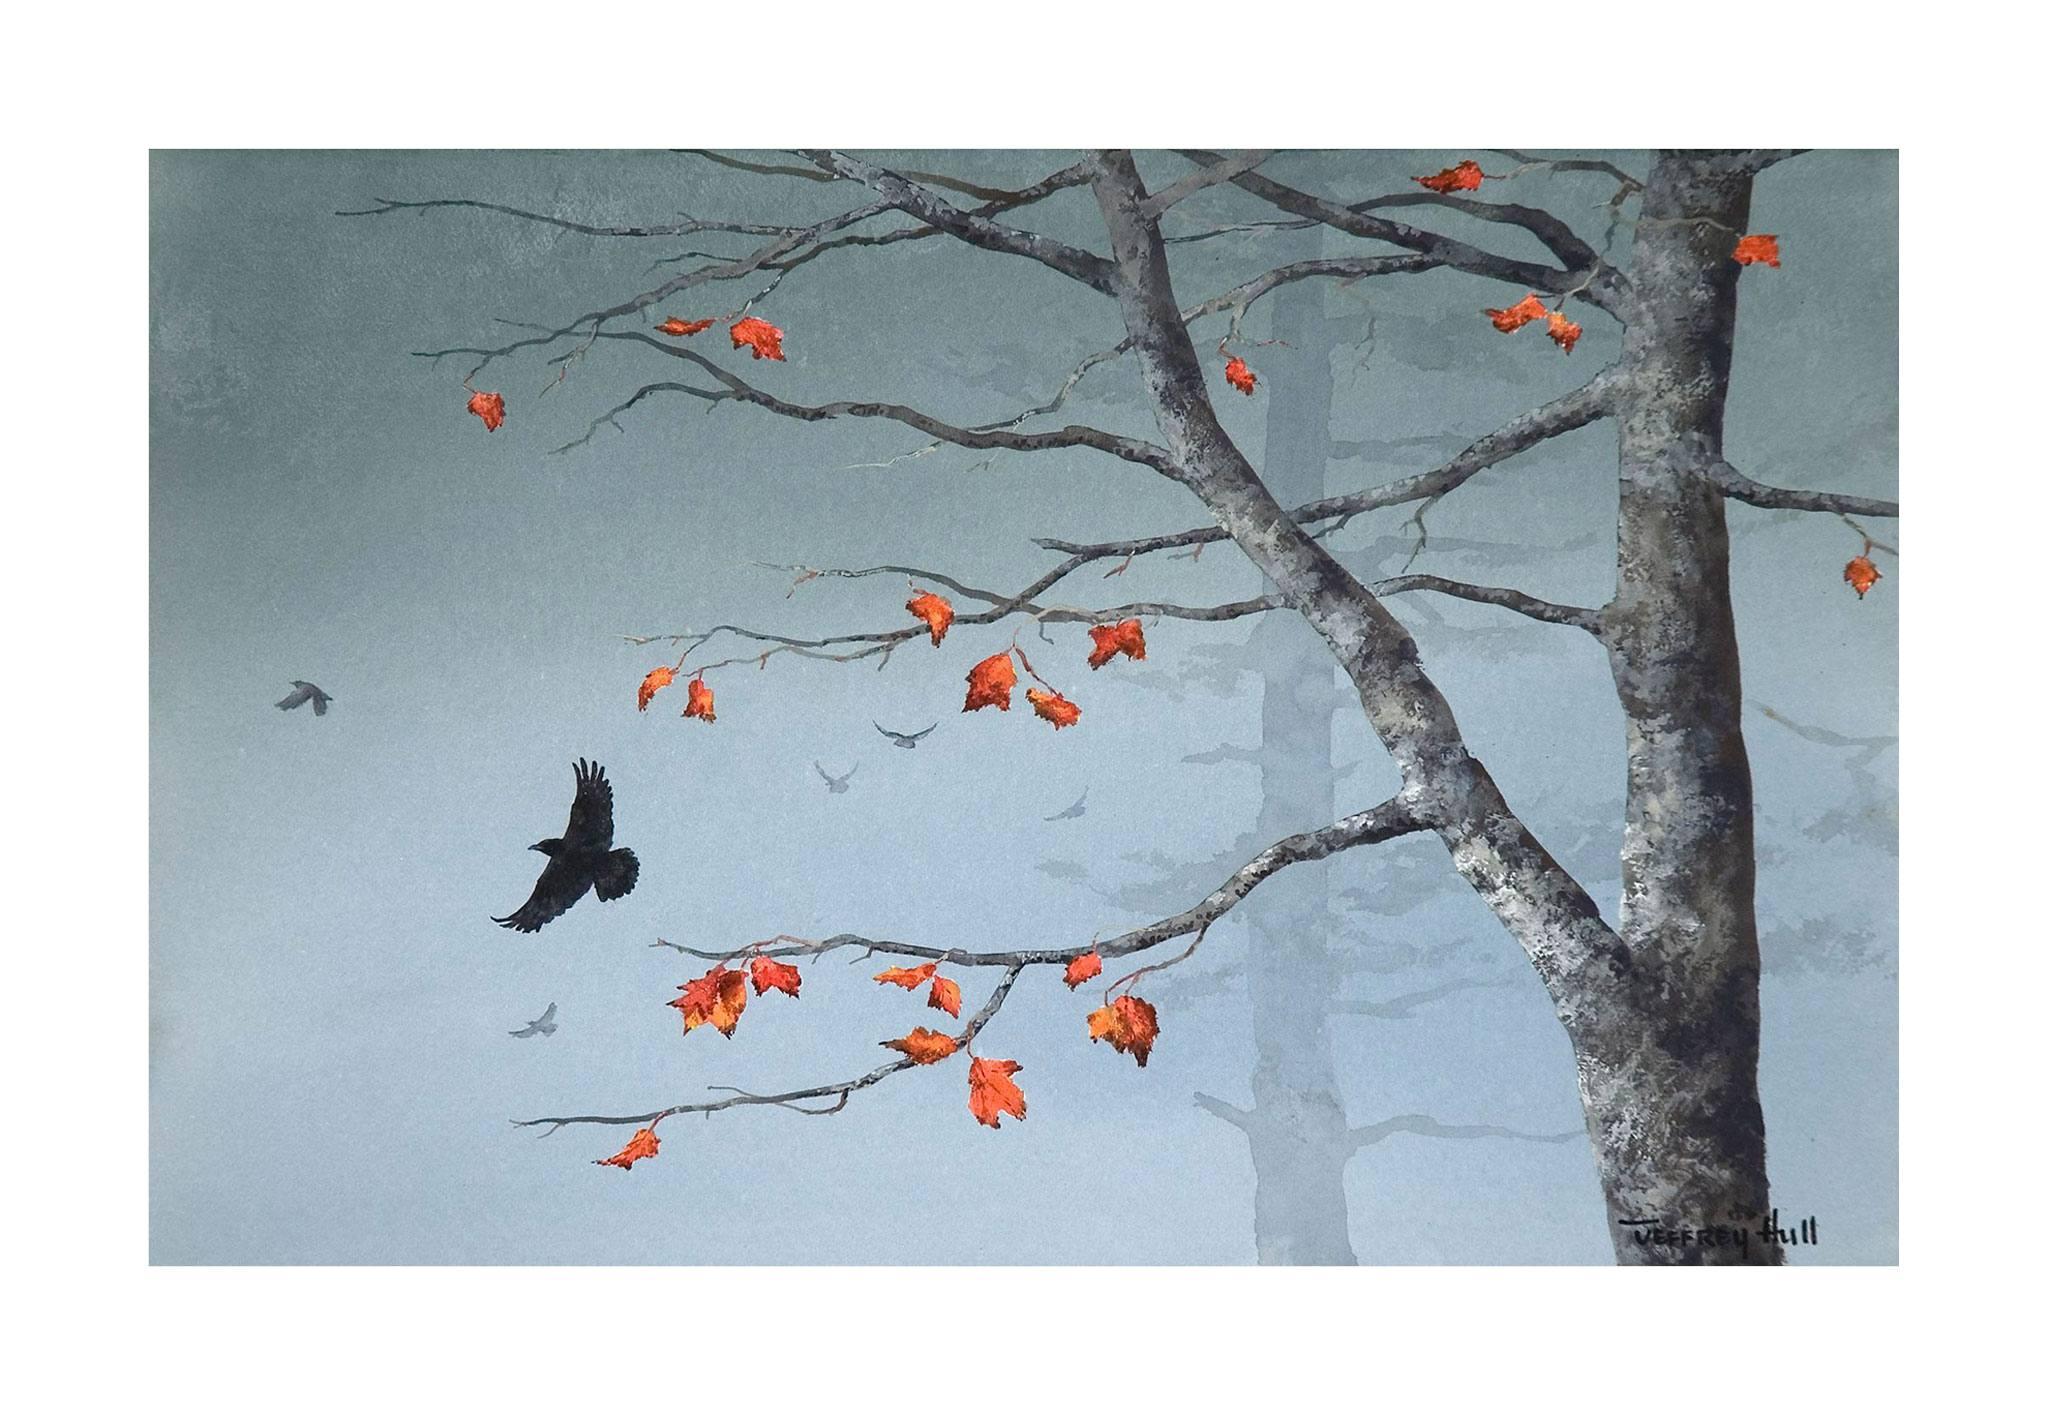 Leaving-Autumn-OpenEd-Unframed-4-Website-2021